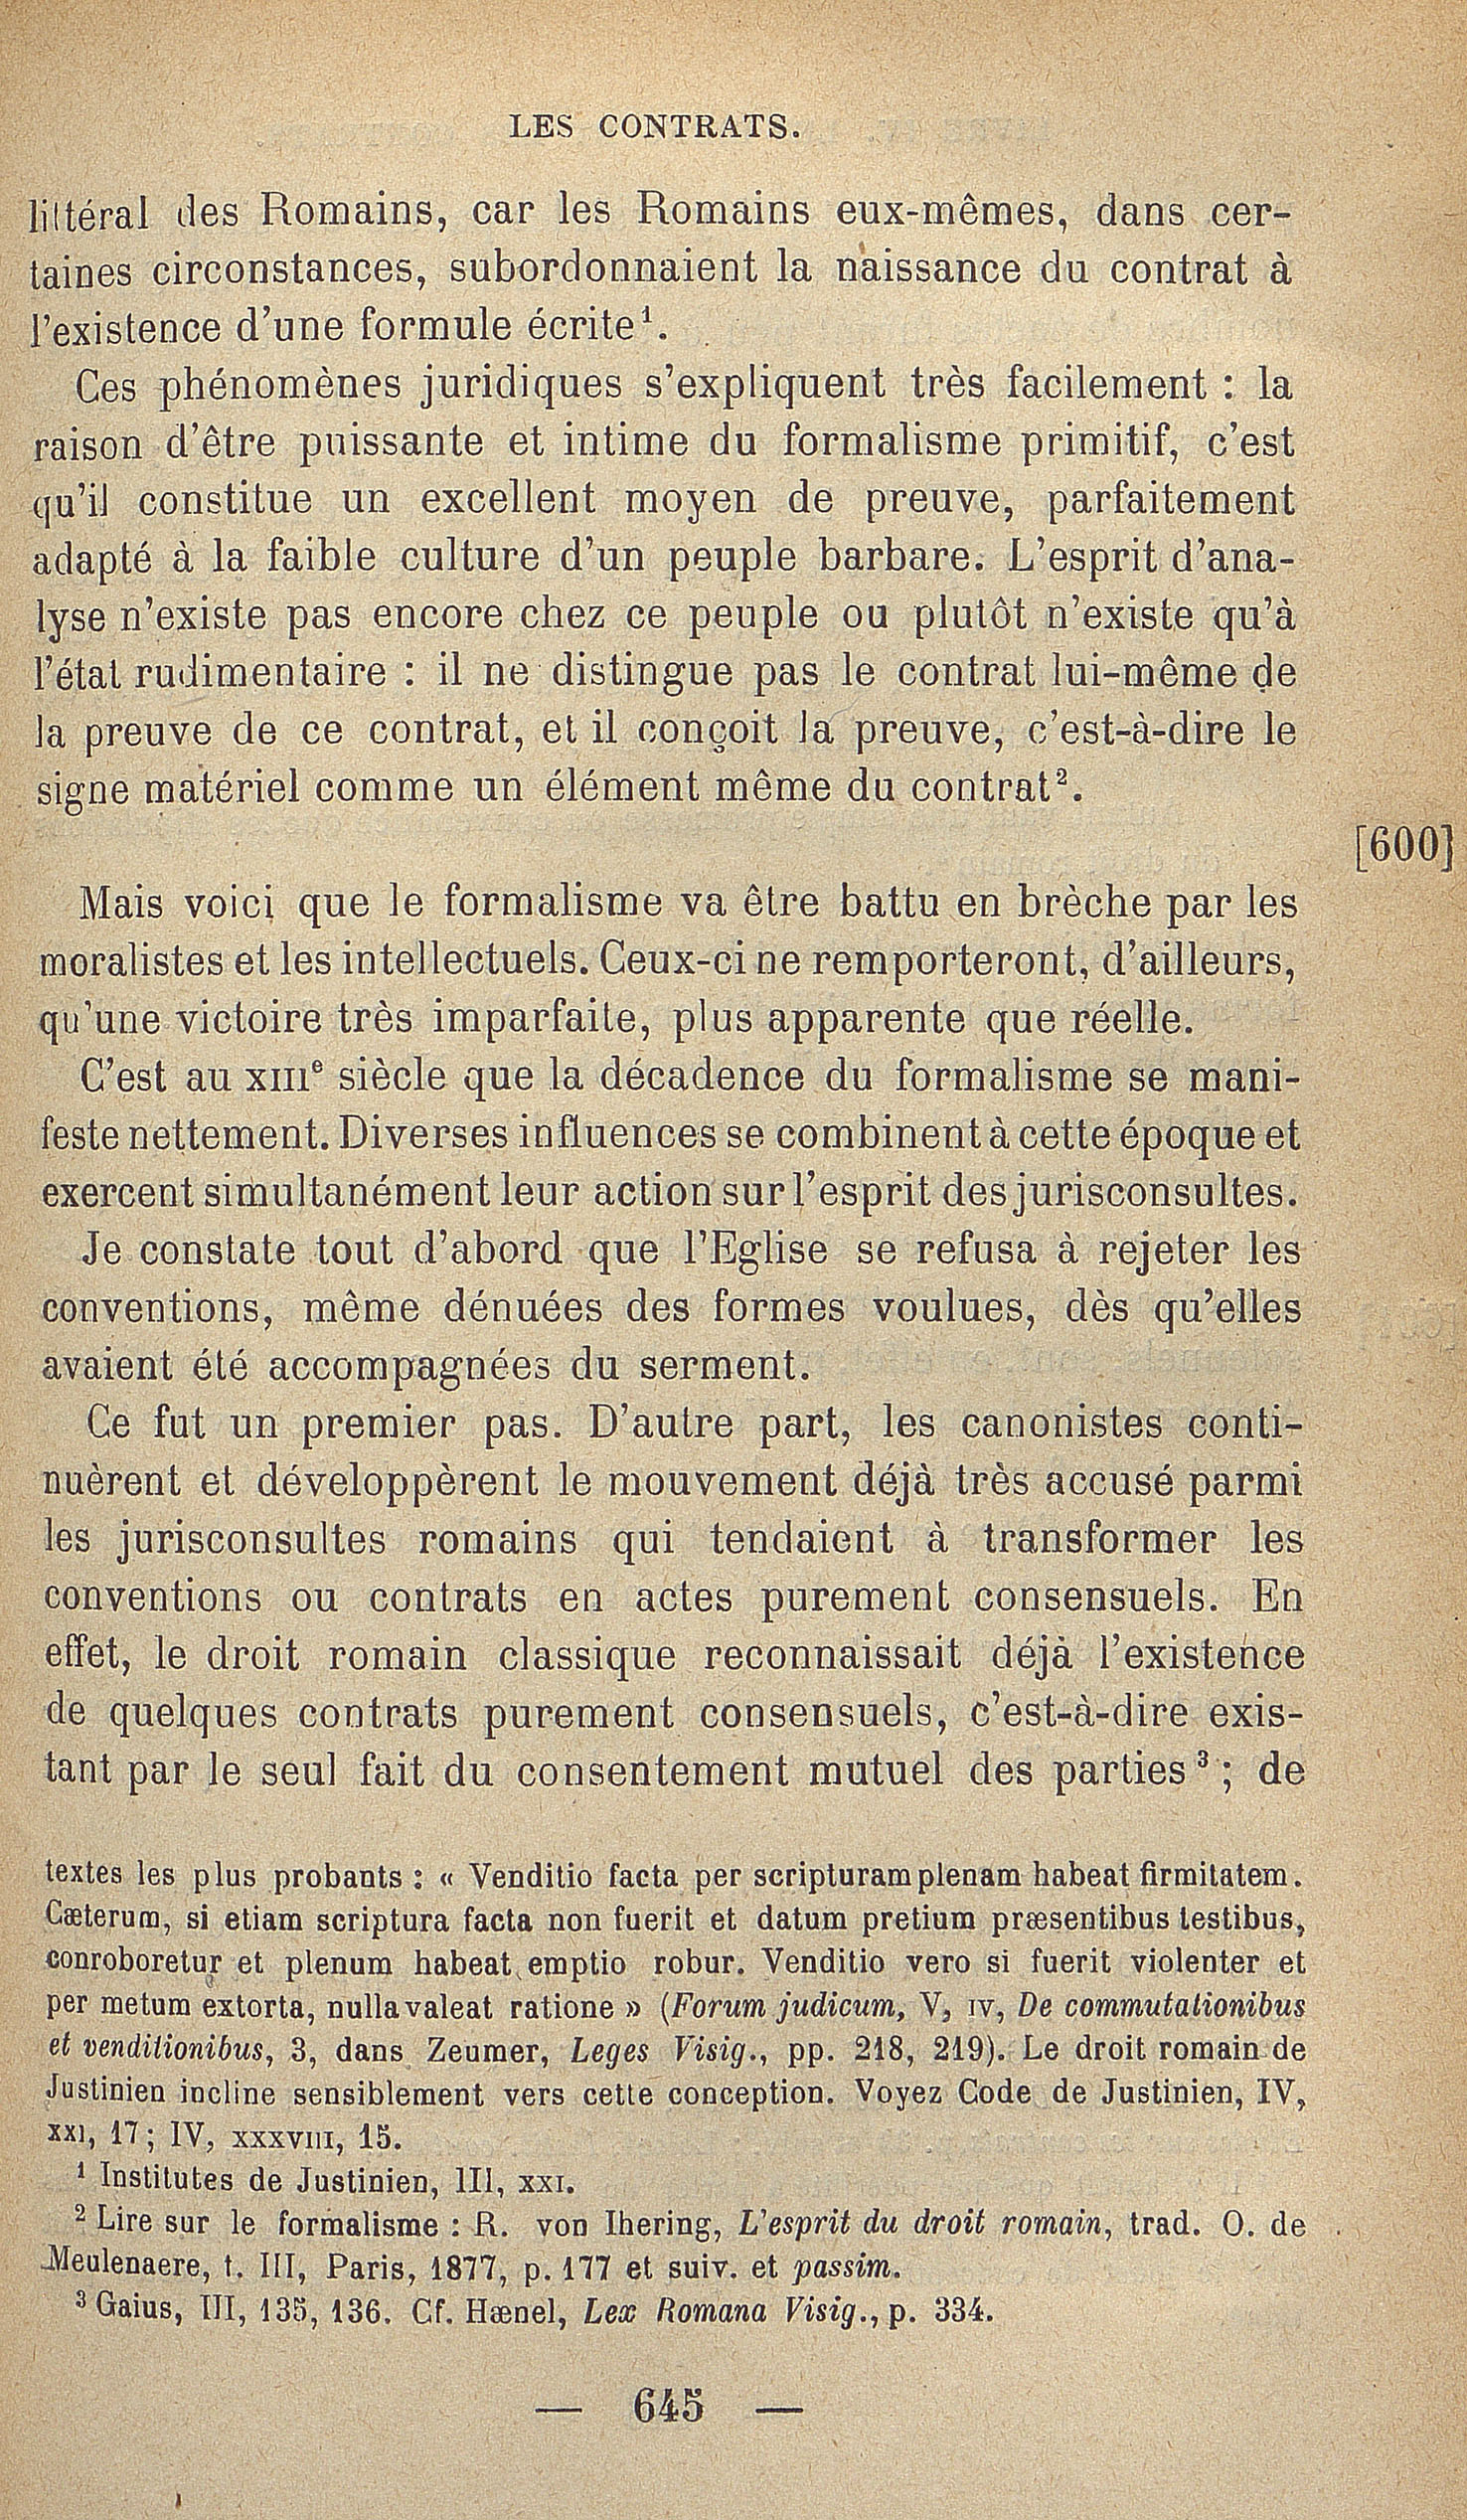 http://expo-paulviollet.univ-paris1.fr/wp-content/uploads/2016/02/0605121670_0655.jpg